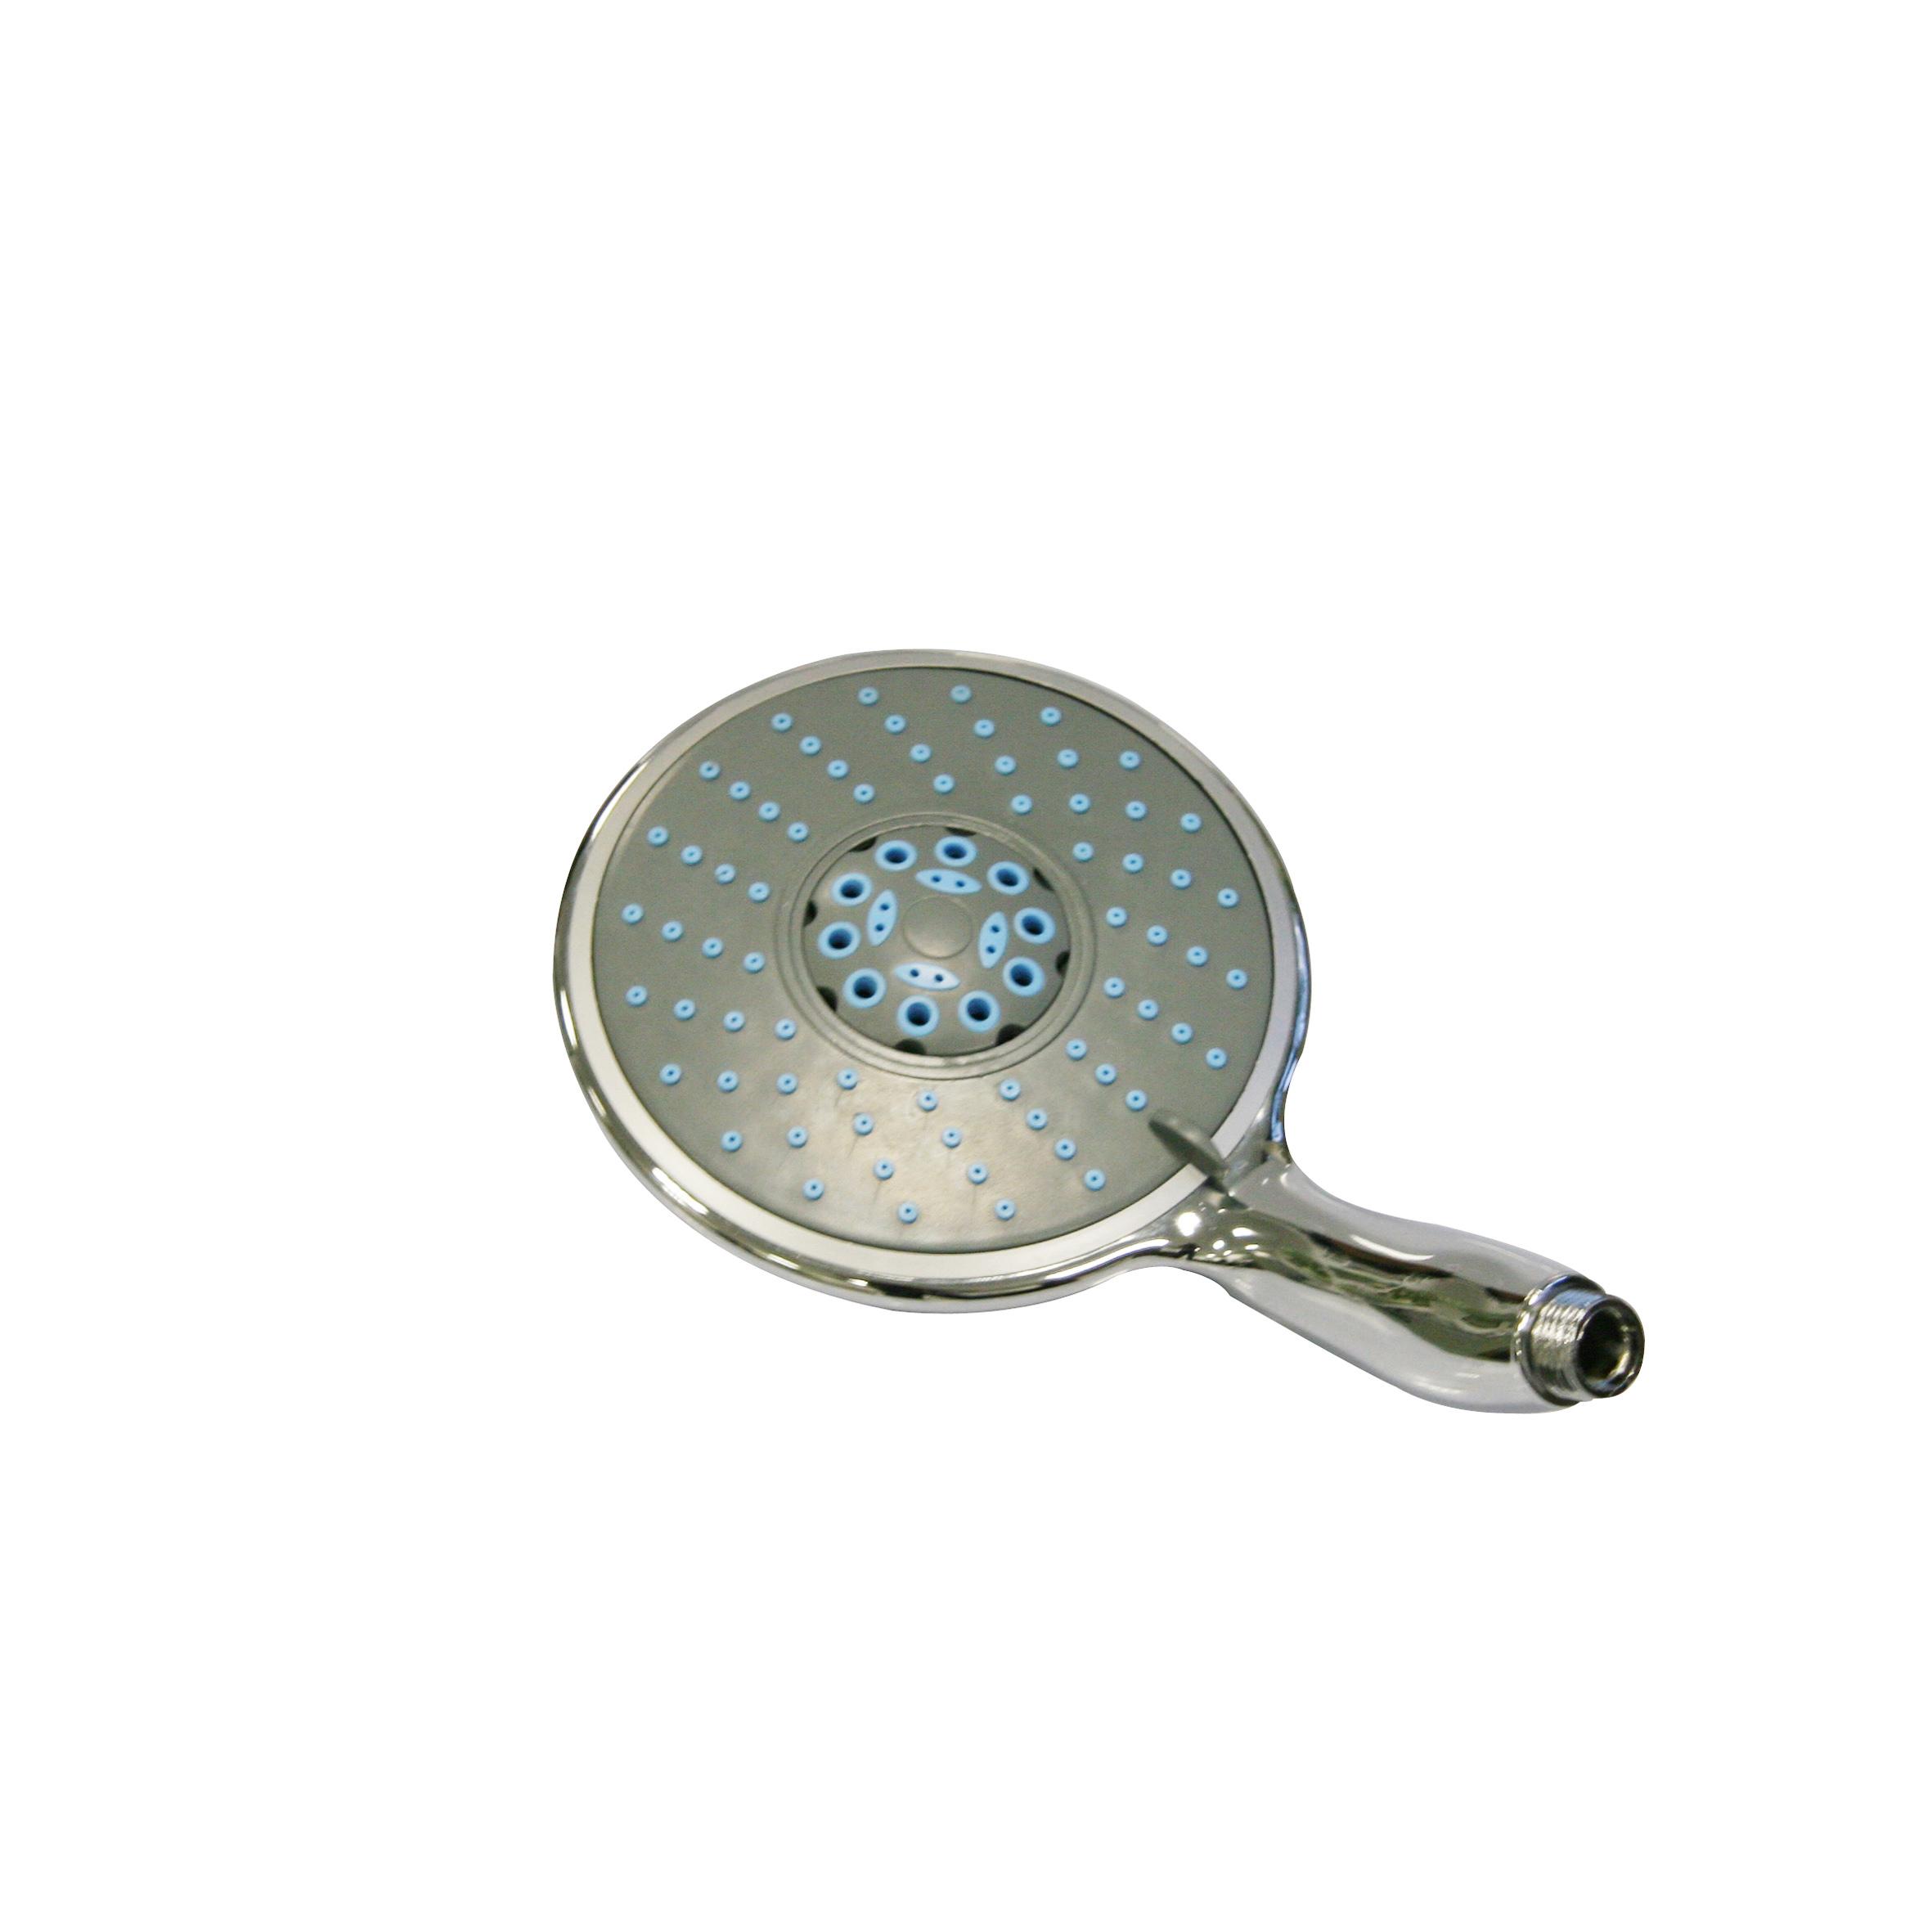 Лейка для душа Top Star Spa, 5 режимов655.01Широкая душевая лейка Top Star Spa, изготовленная из прочного пластика и нержавеющей стали, воплощает в себе стильную простоту и комфорт в использовании. Лейка имеет 5 режимов переключения, что позволяет принимать душ, омывая всетело, и эффективно промывать волосы от шампуня. Изделие прекрасно подойдет для интерьера любой ванной комнаты.Душевая лейка Top Star Spa удобна и практична в работе.Диаметр лейки: 15 см.